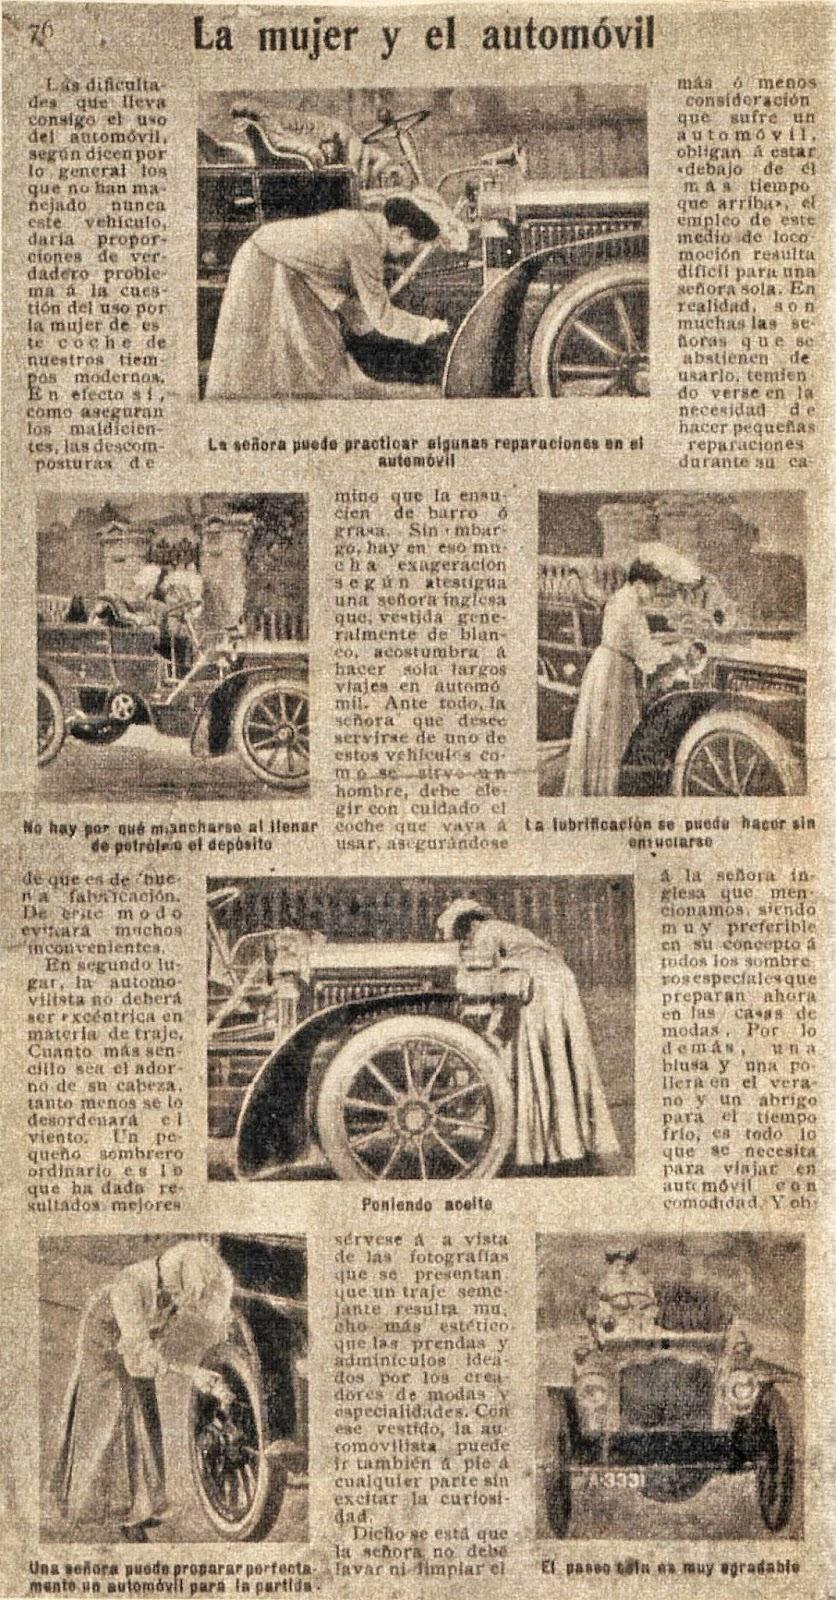 La mujer y el automóvil una nota de la revista PBT de 1905. Fue publicada en c8fb1bb2de1